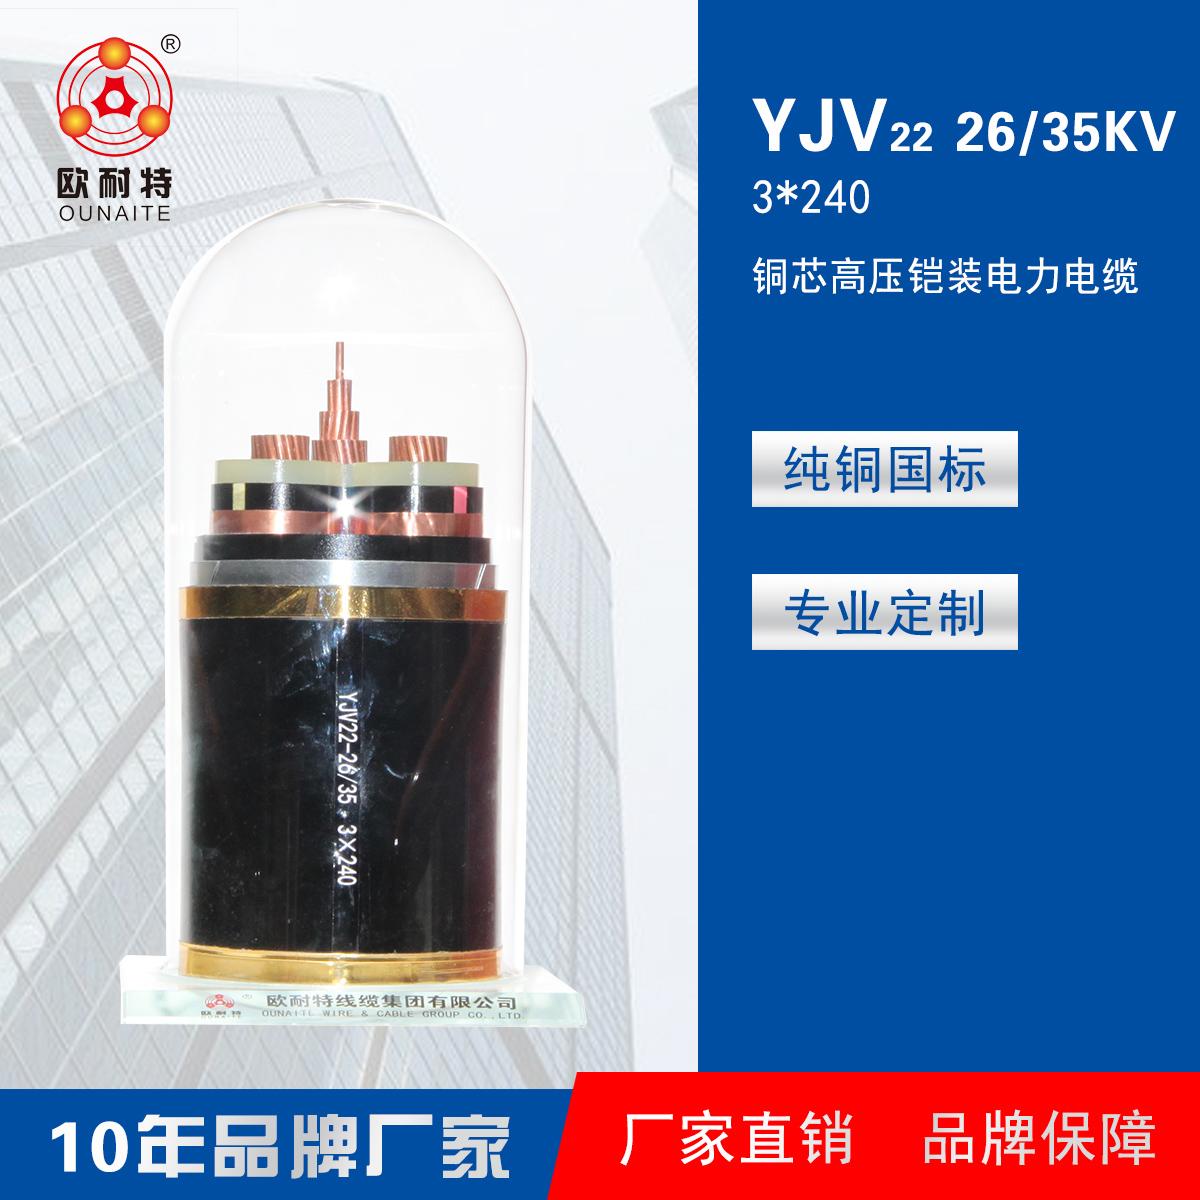 YJV22 26/35KV 3*240